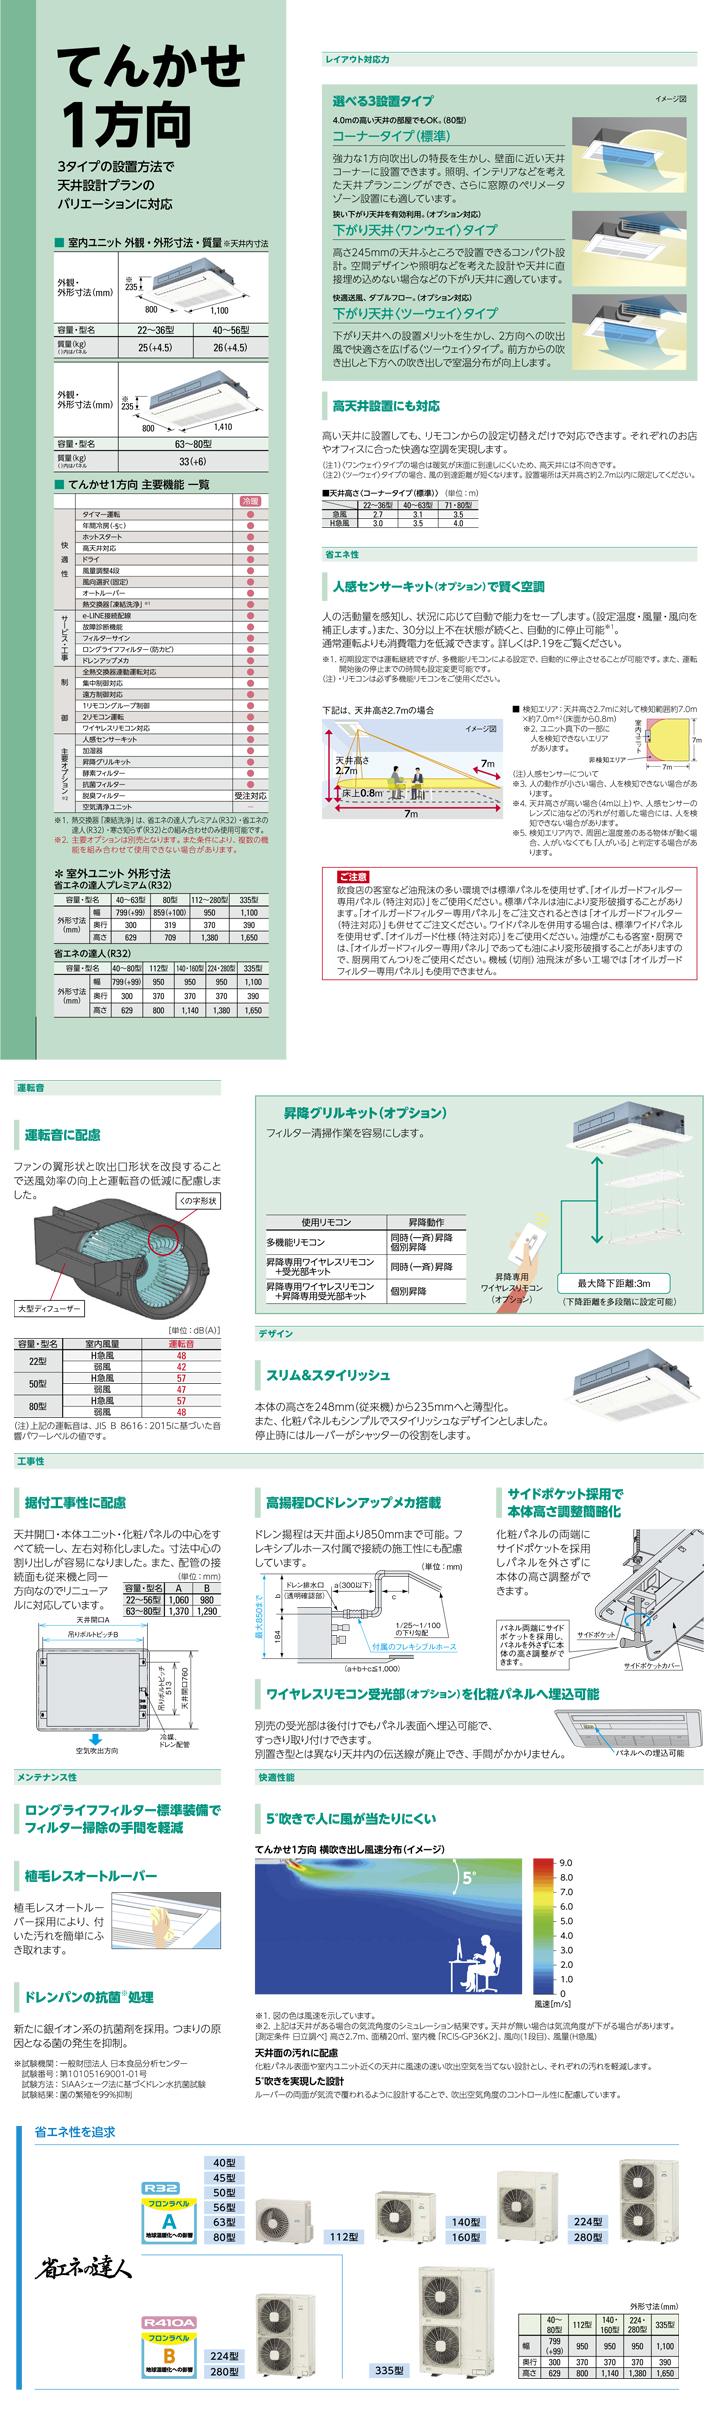 日立 業務用エアコン RCIS-GP80RSHJ5